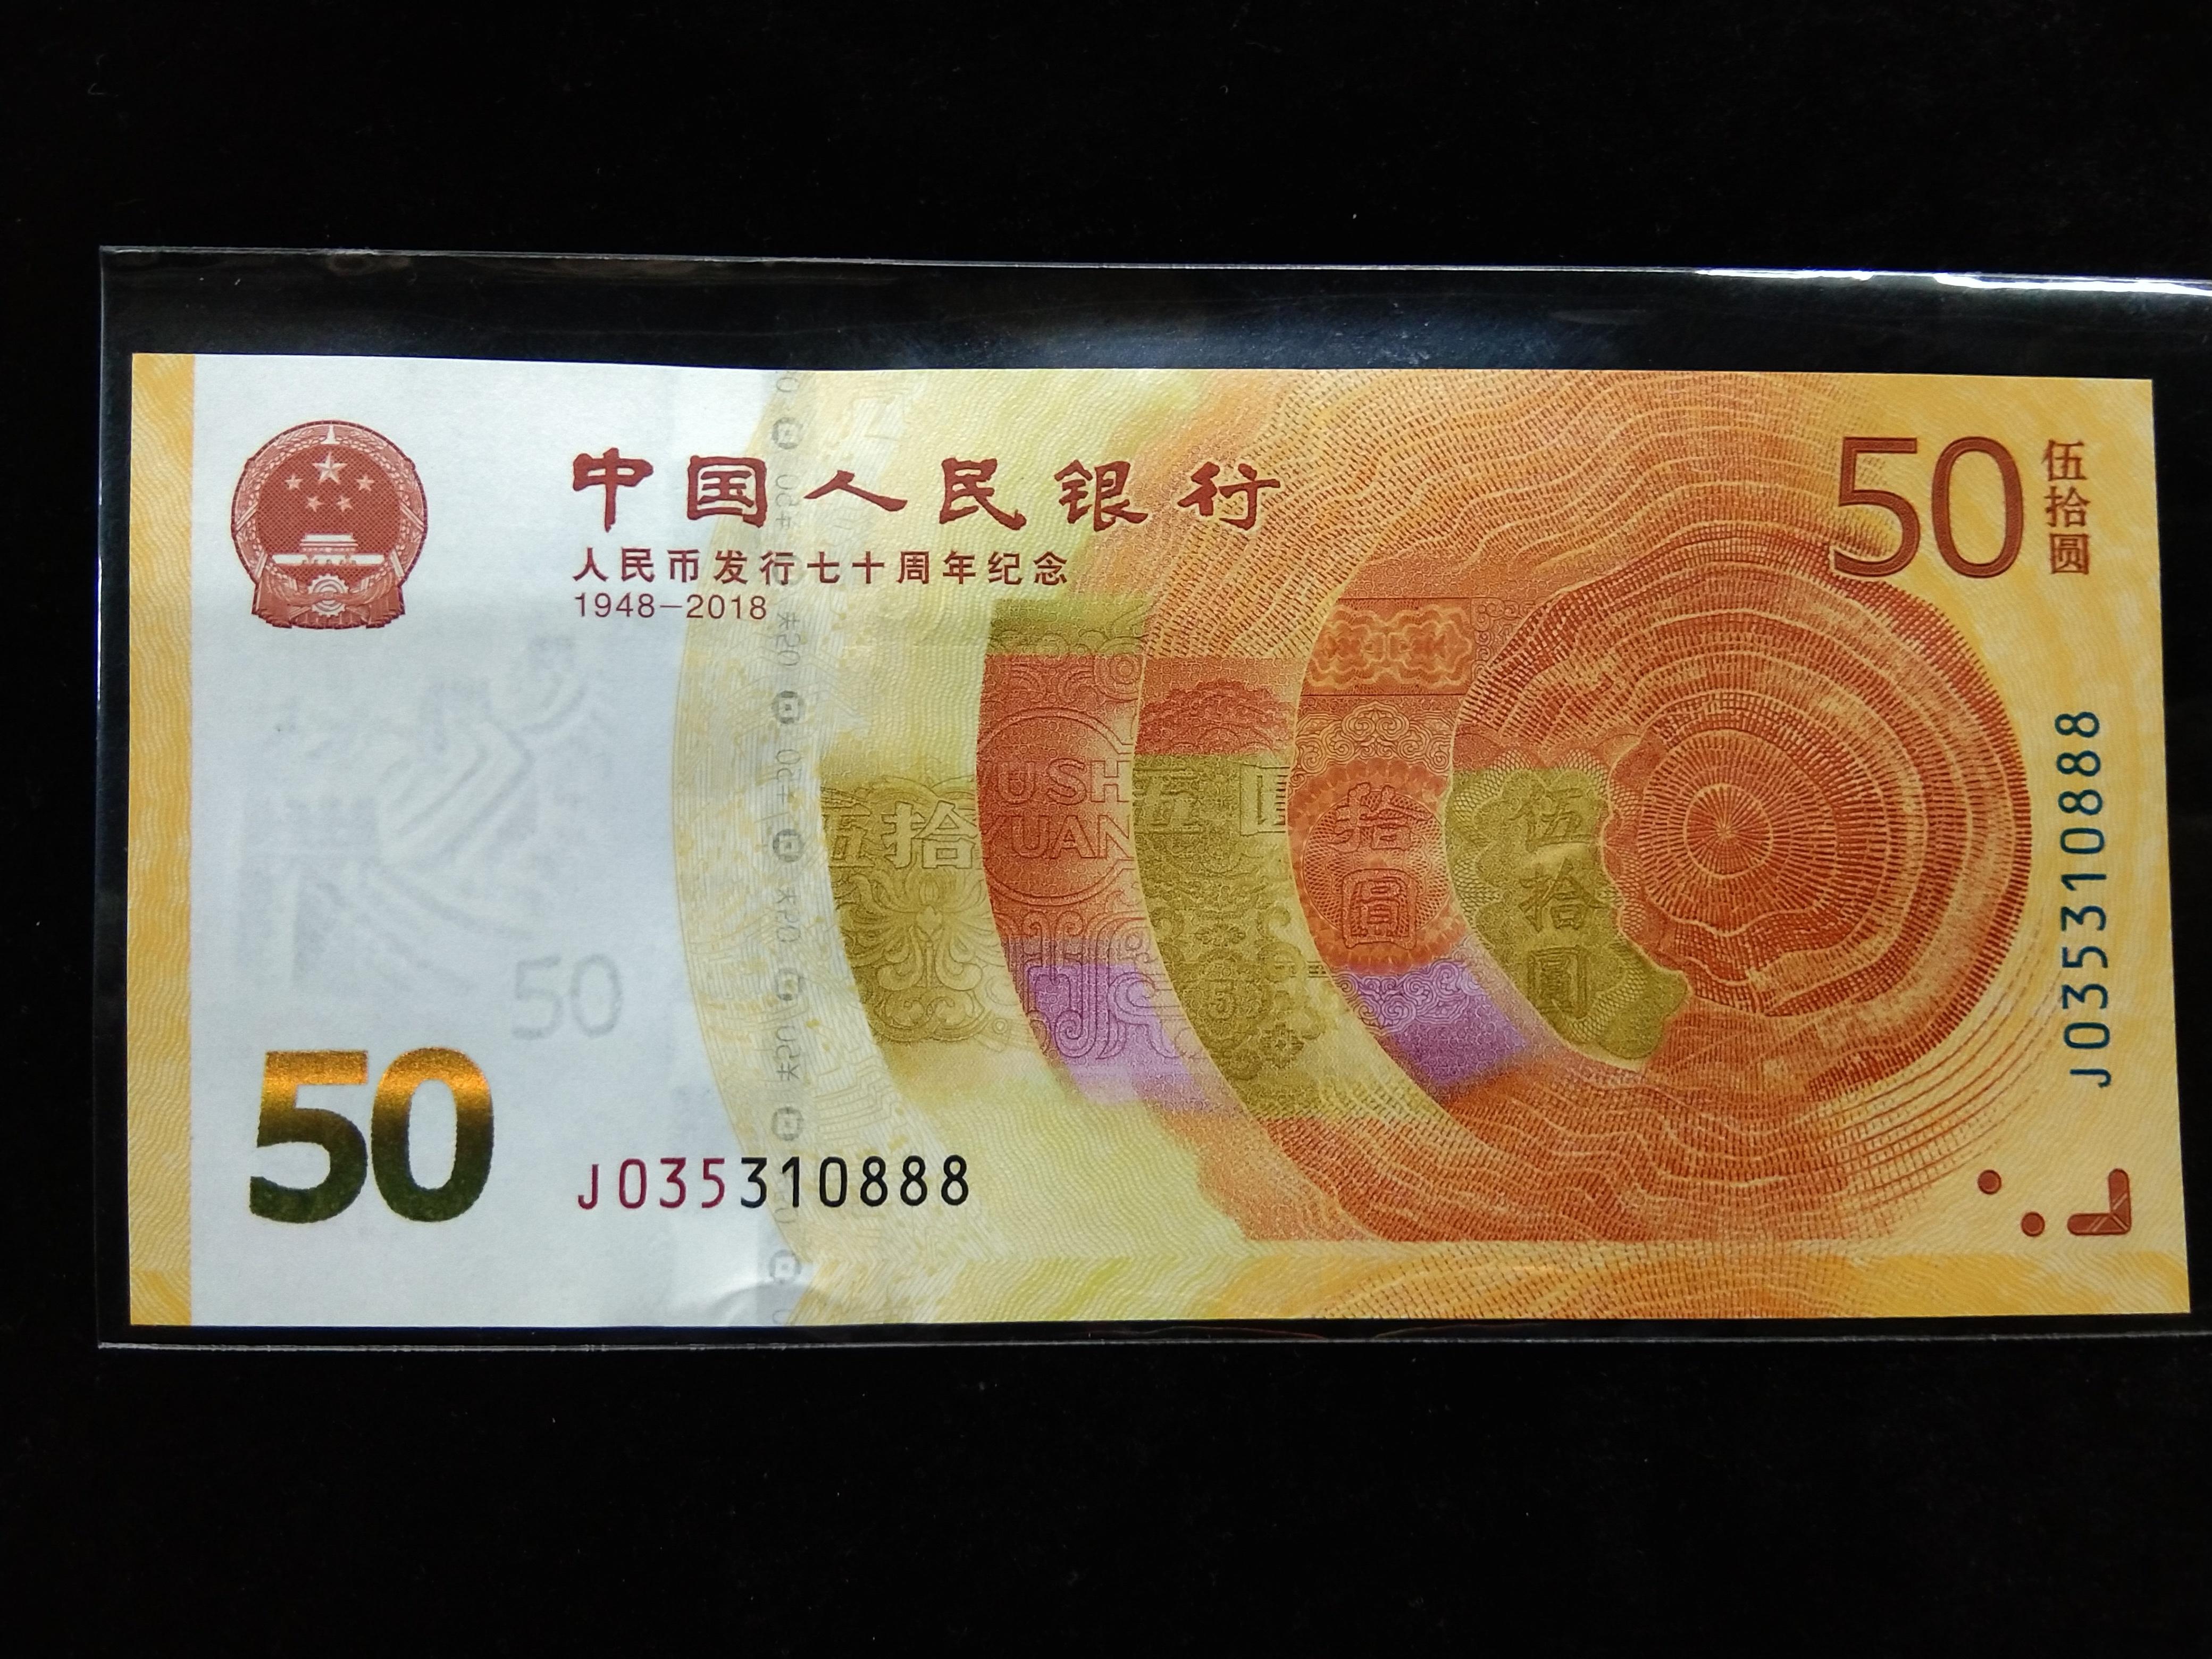 人民币发行70周年纪念钞,豹子